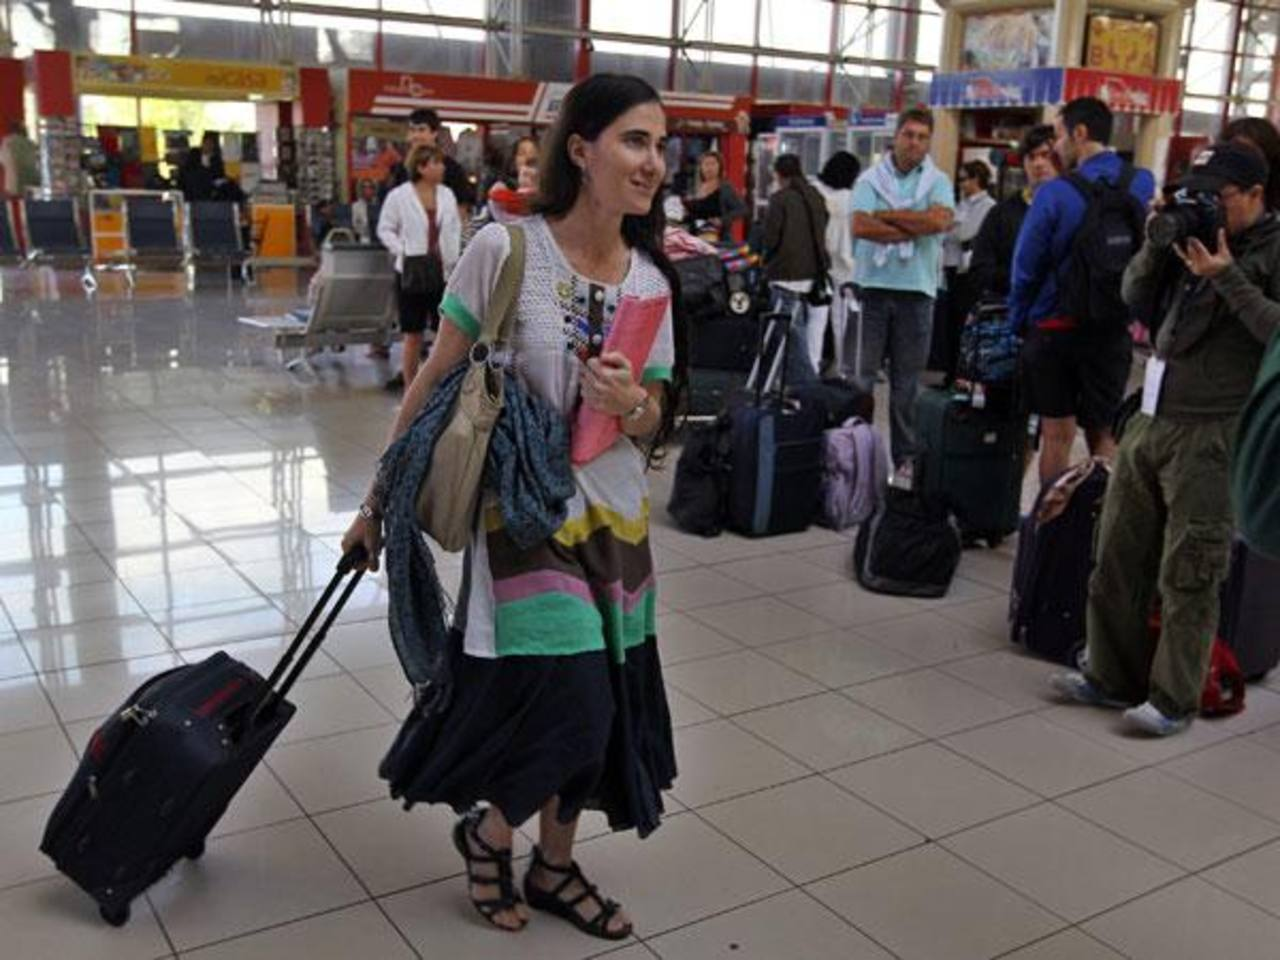 Todavía le quedan varias semanas a su gira, pero Yoani Sánchez ya anticipó su temor de que, una vez que retorne a la isla, ya no la dejen volver a salir. Foto edh /